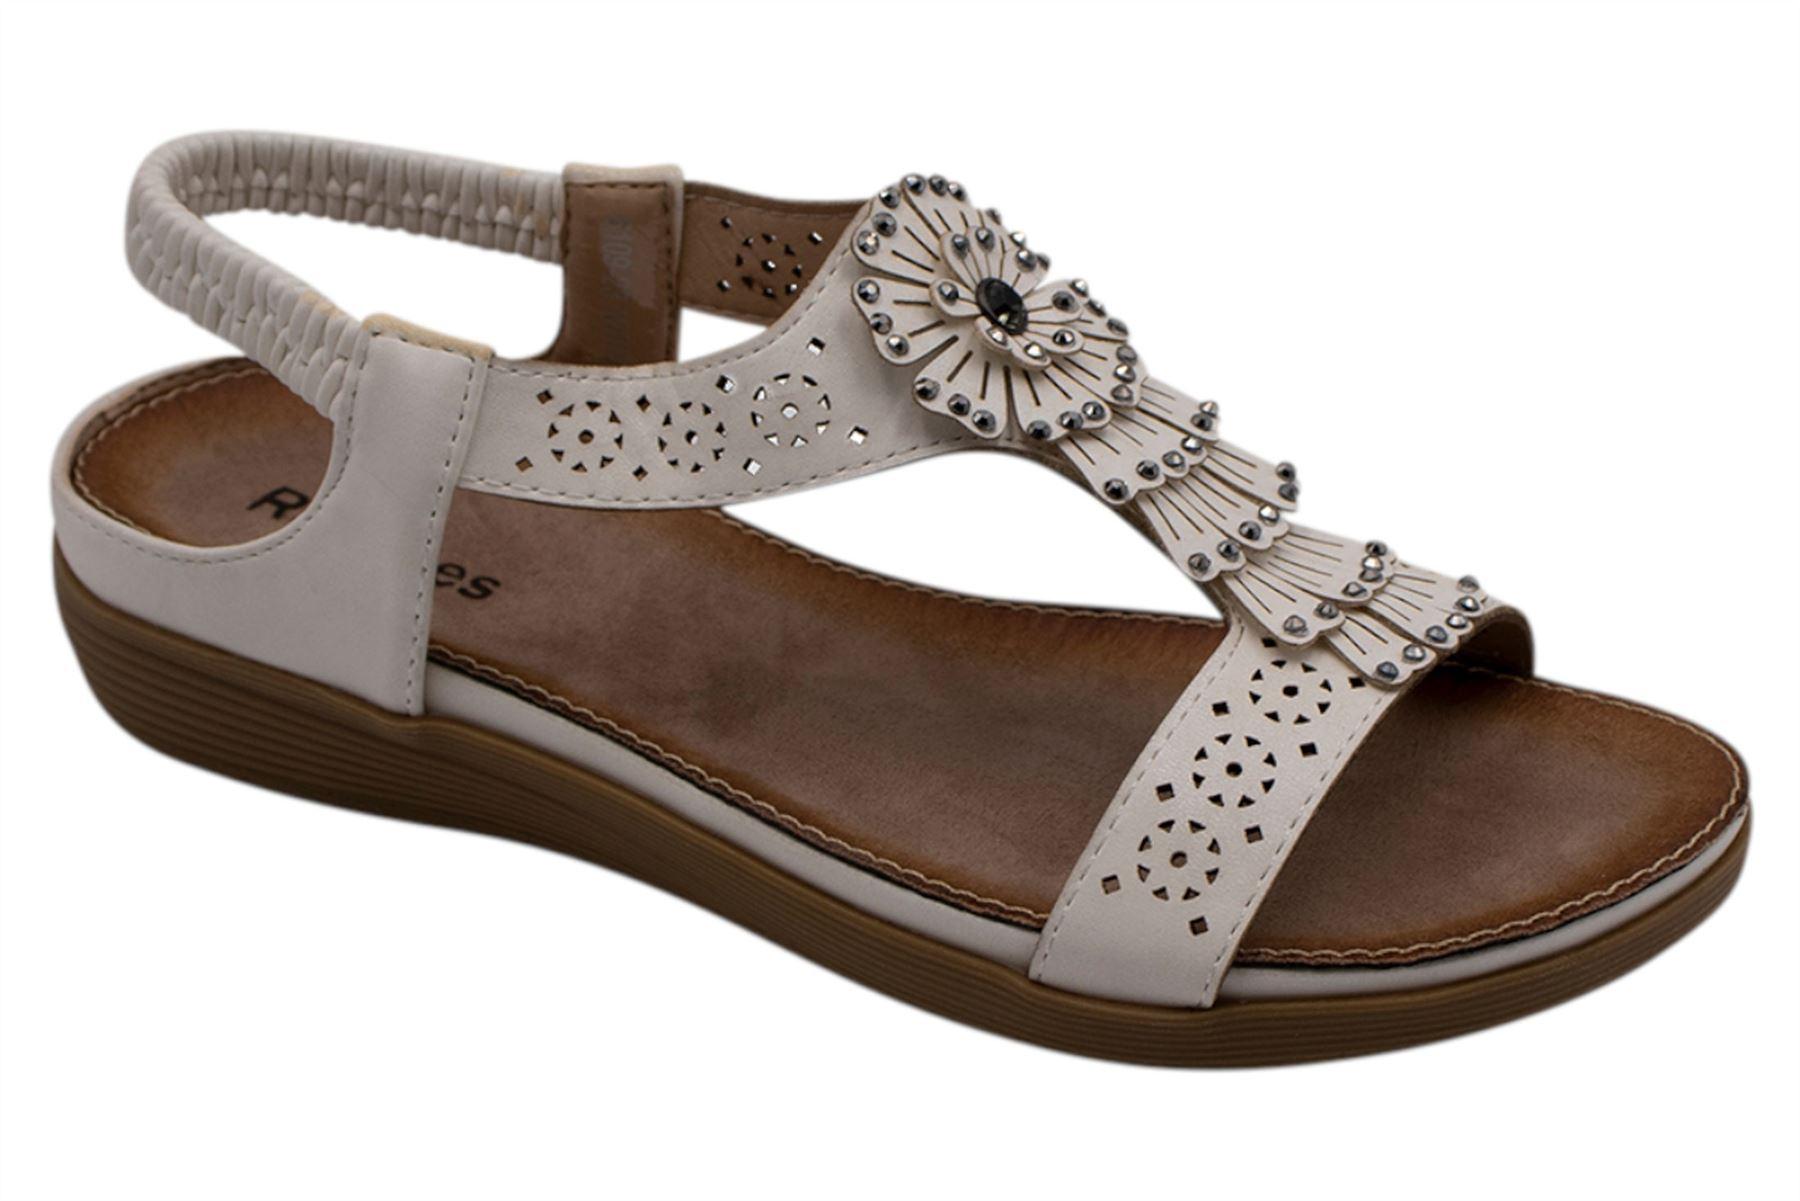 Ladies-Sandals-Womens-Shiny-Flat-Flip-Flop-Beach-Sliders miniatura 32